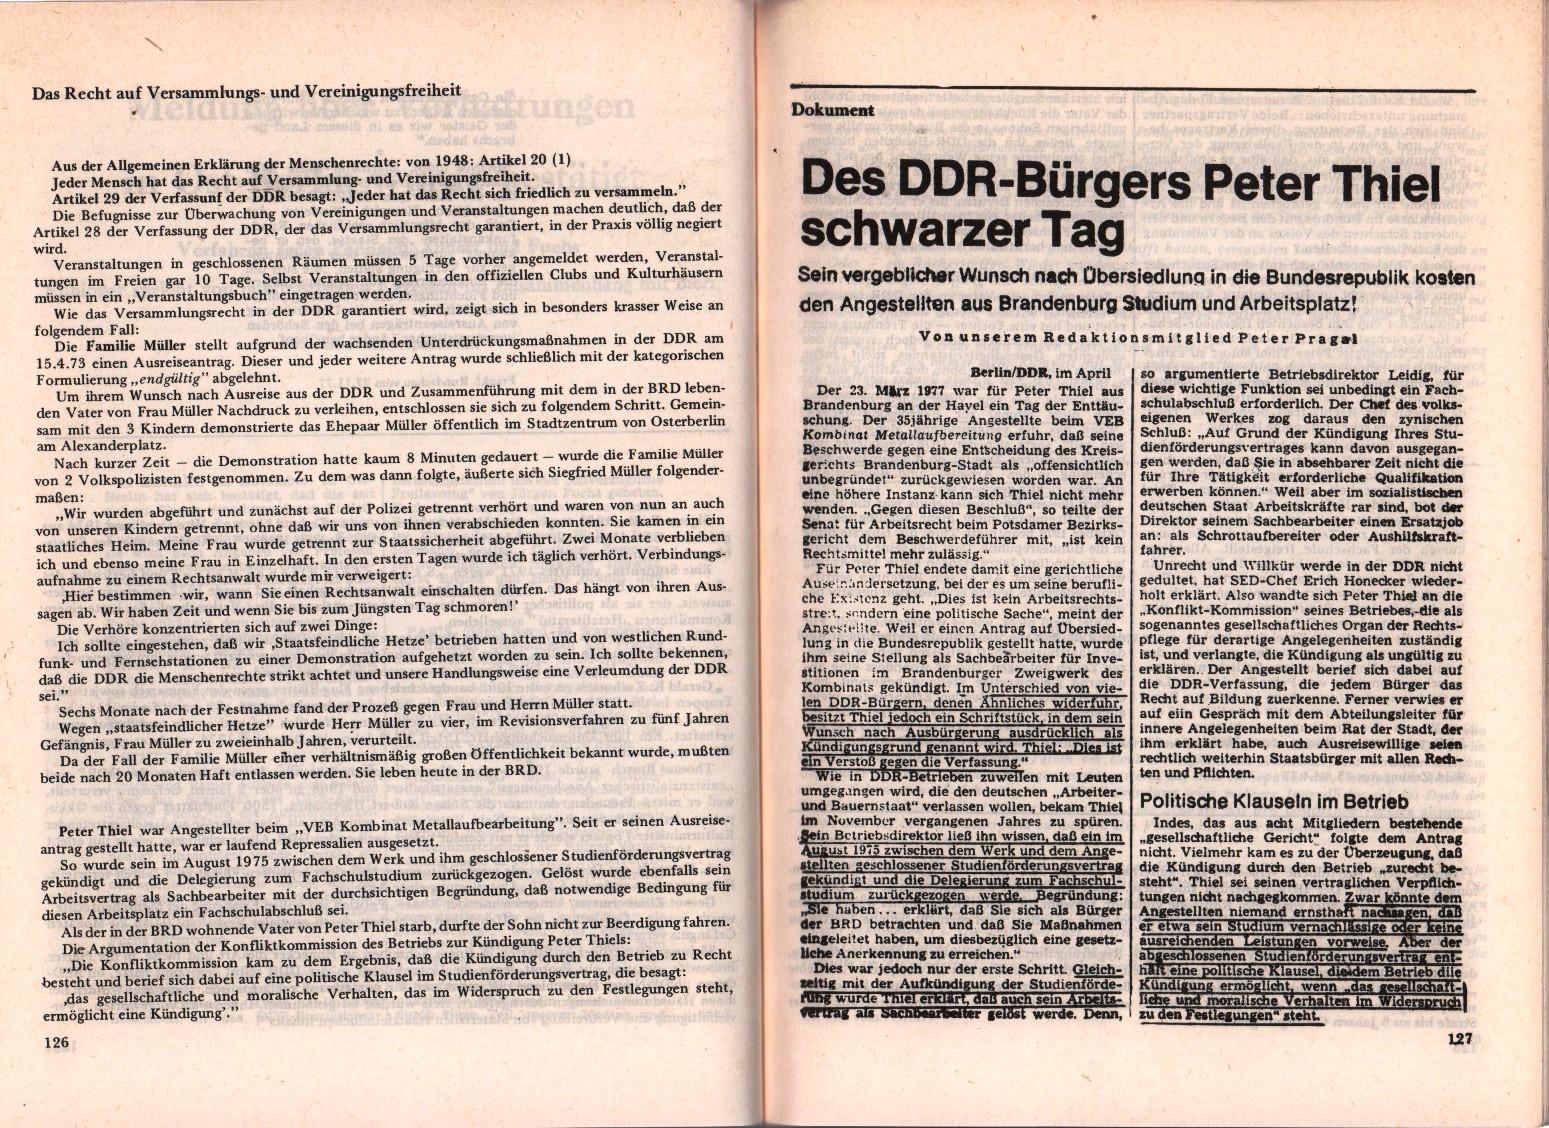 KPD_DDR066